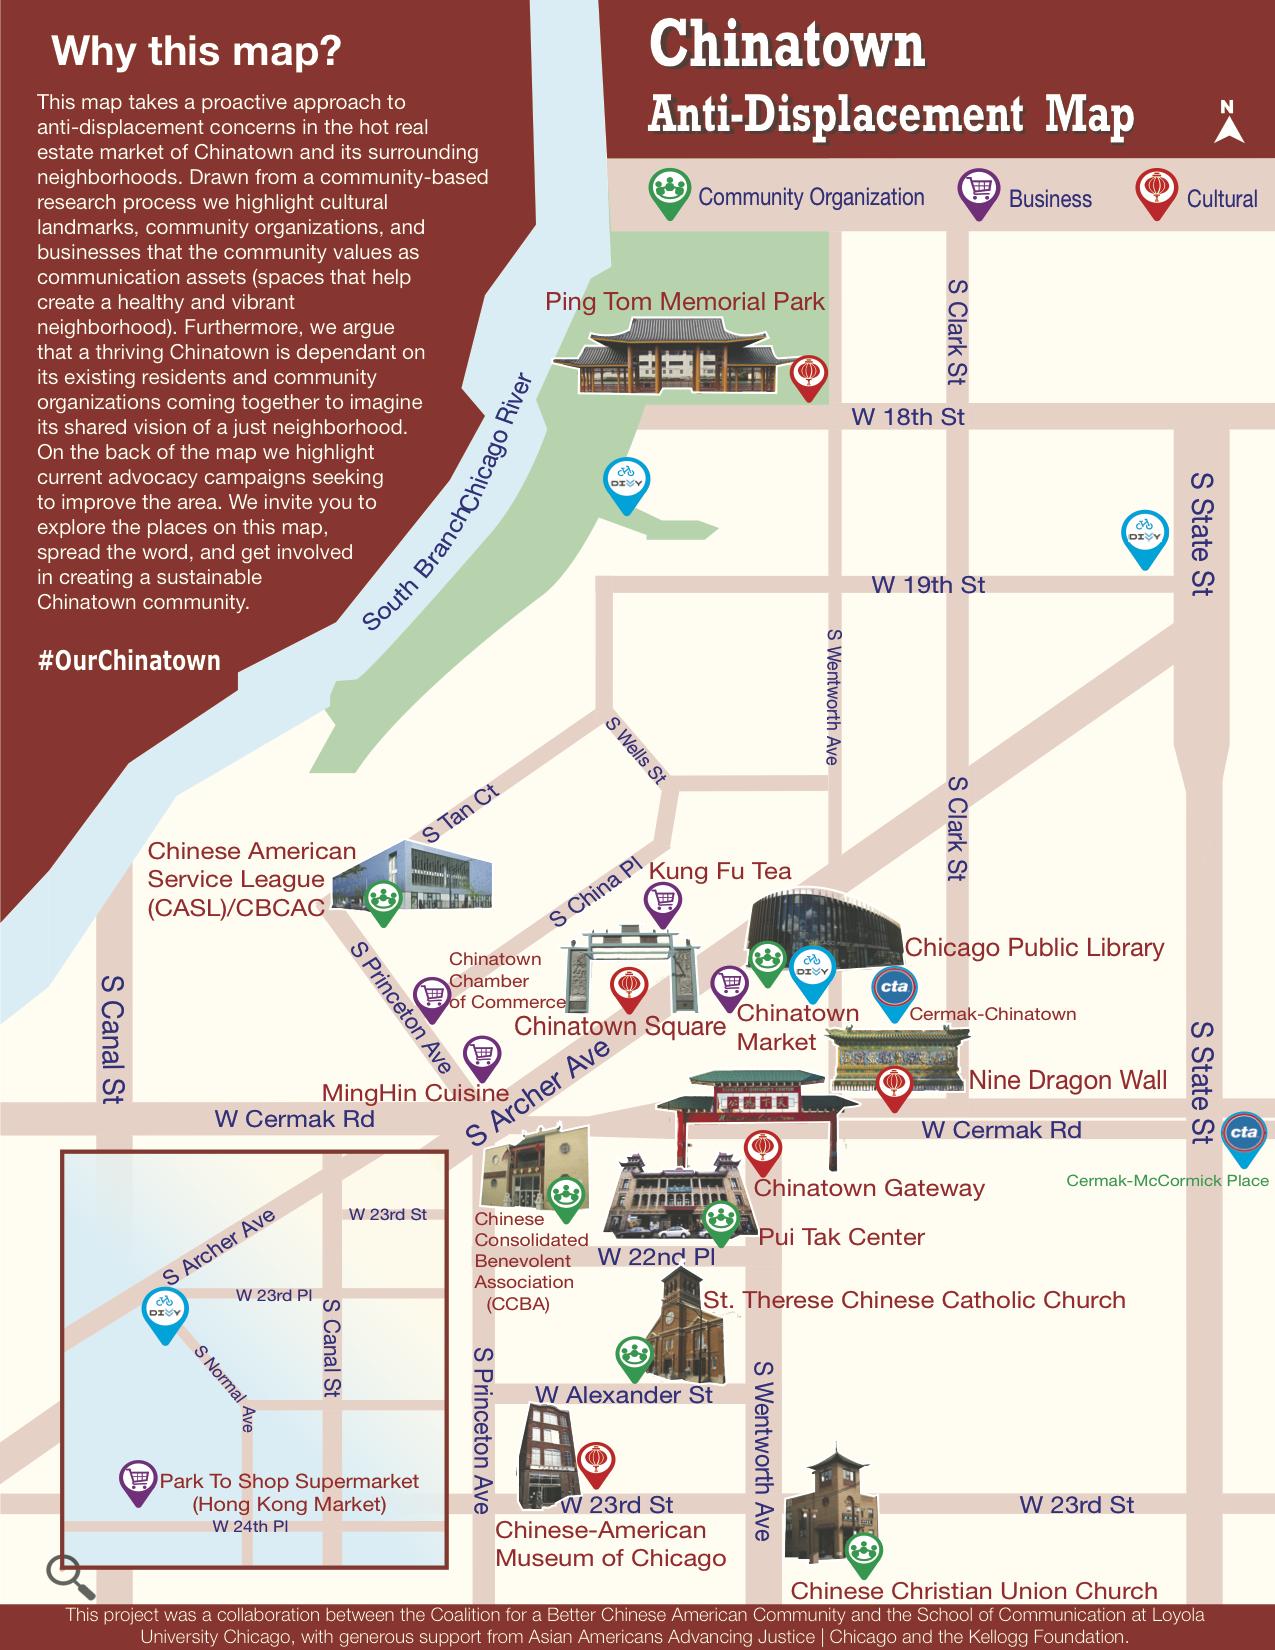 由華埠更好團結聯盟與芝加哥羅耀拉大學合作開發的「華埠反流失地圖」公布,地圖影印版將於29日發行。(取自華埠更好團結聯盟官網)